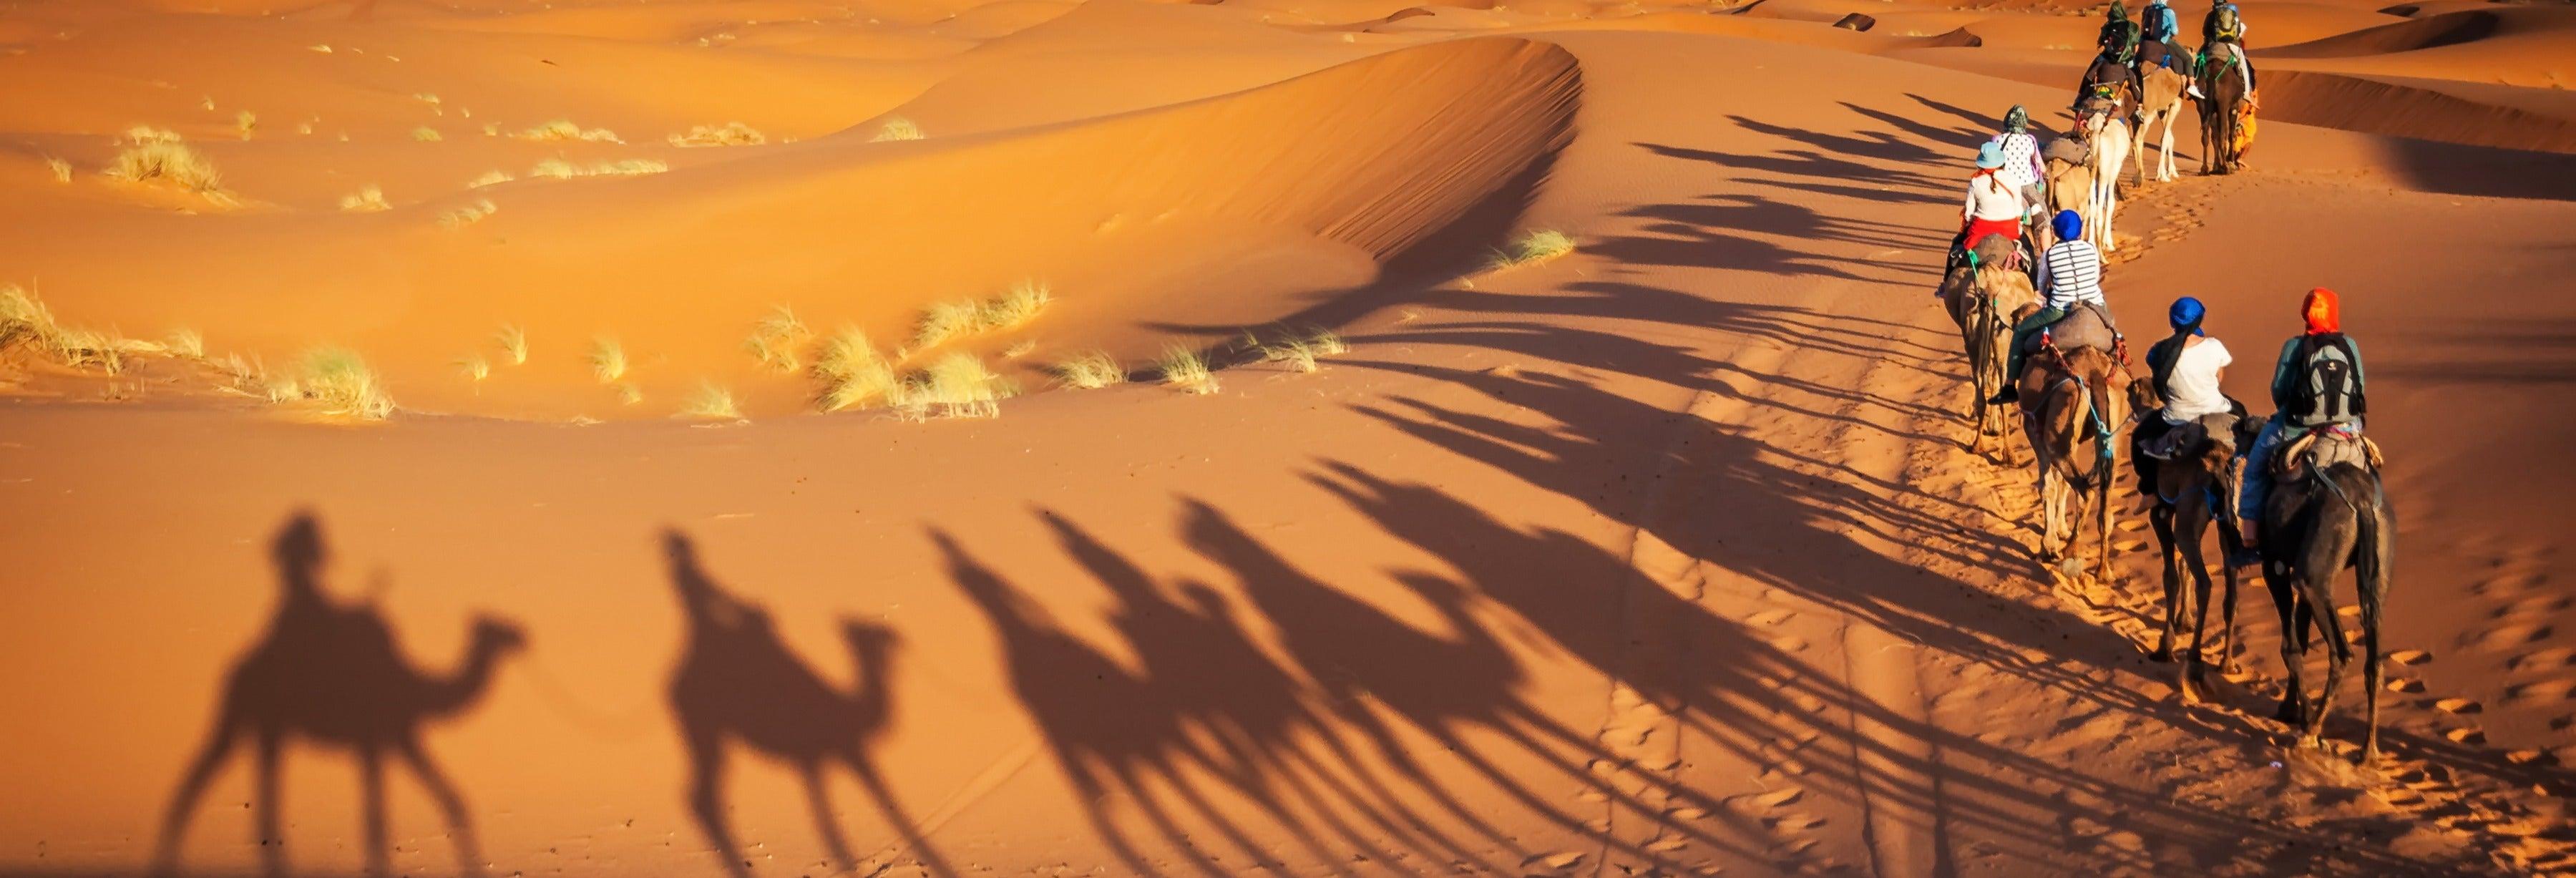 Excursión de 2 días al desierto de Merzouga acabando en Marrakech